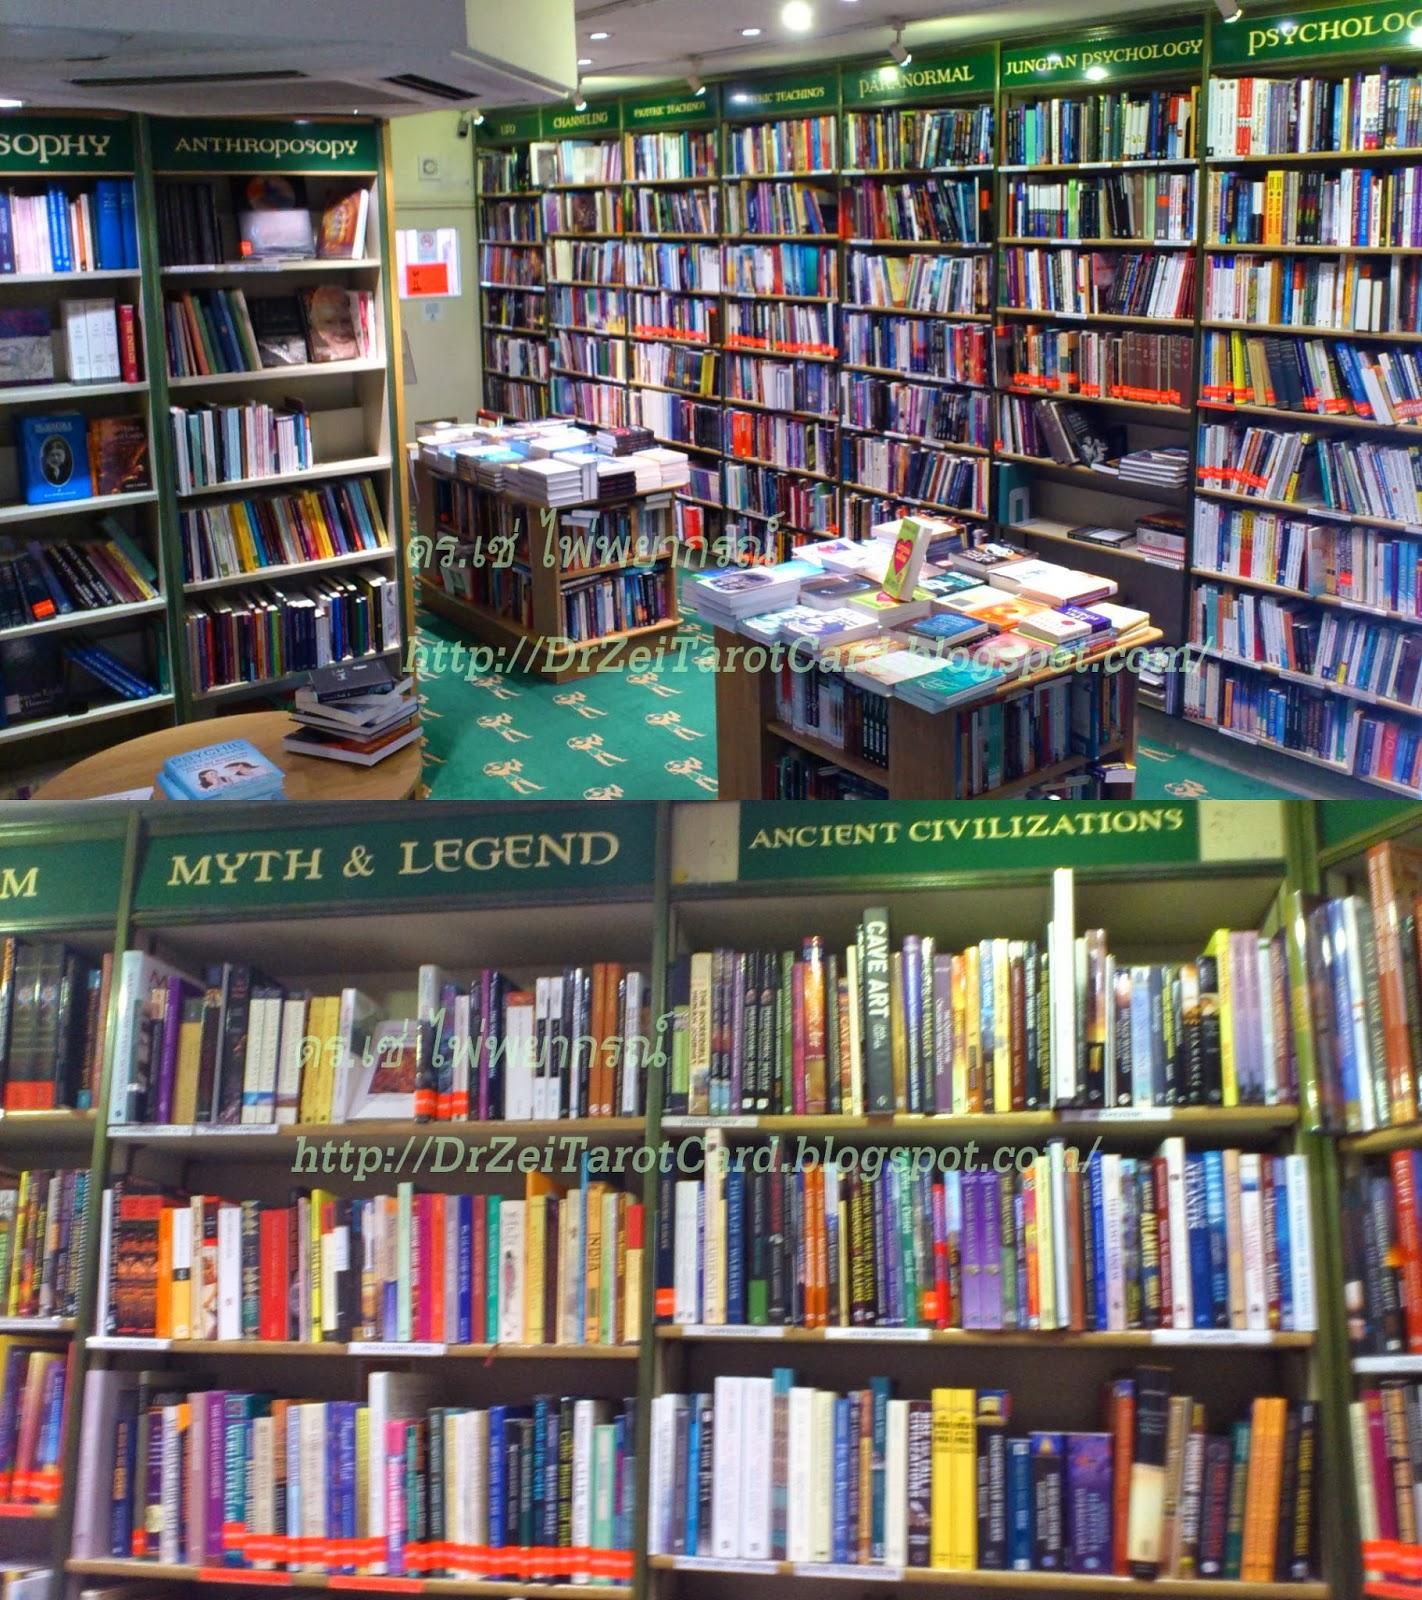 ชั้นใต้ดิน ชั้นหนังสือ book shelf mythology egyptian books อียิปต์ กรีก ตำนาน ไพ่ยิปซี ไพ่พยากรณ์